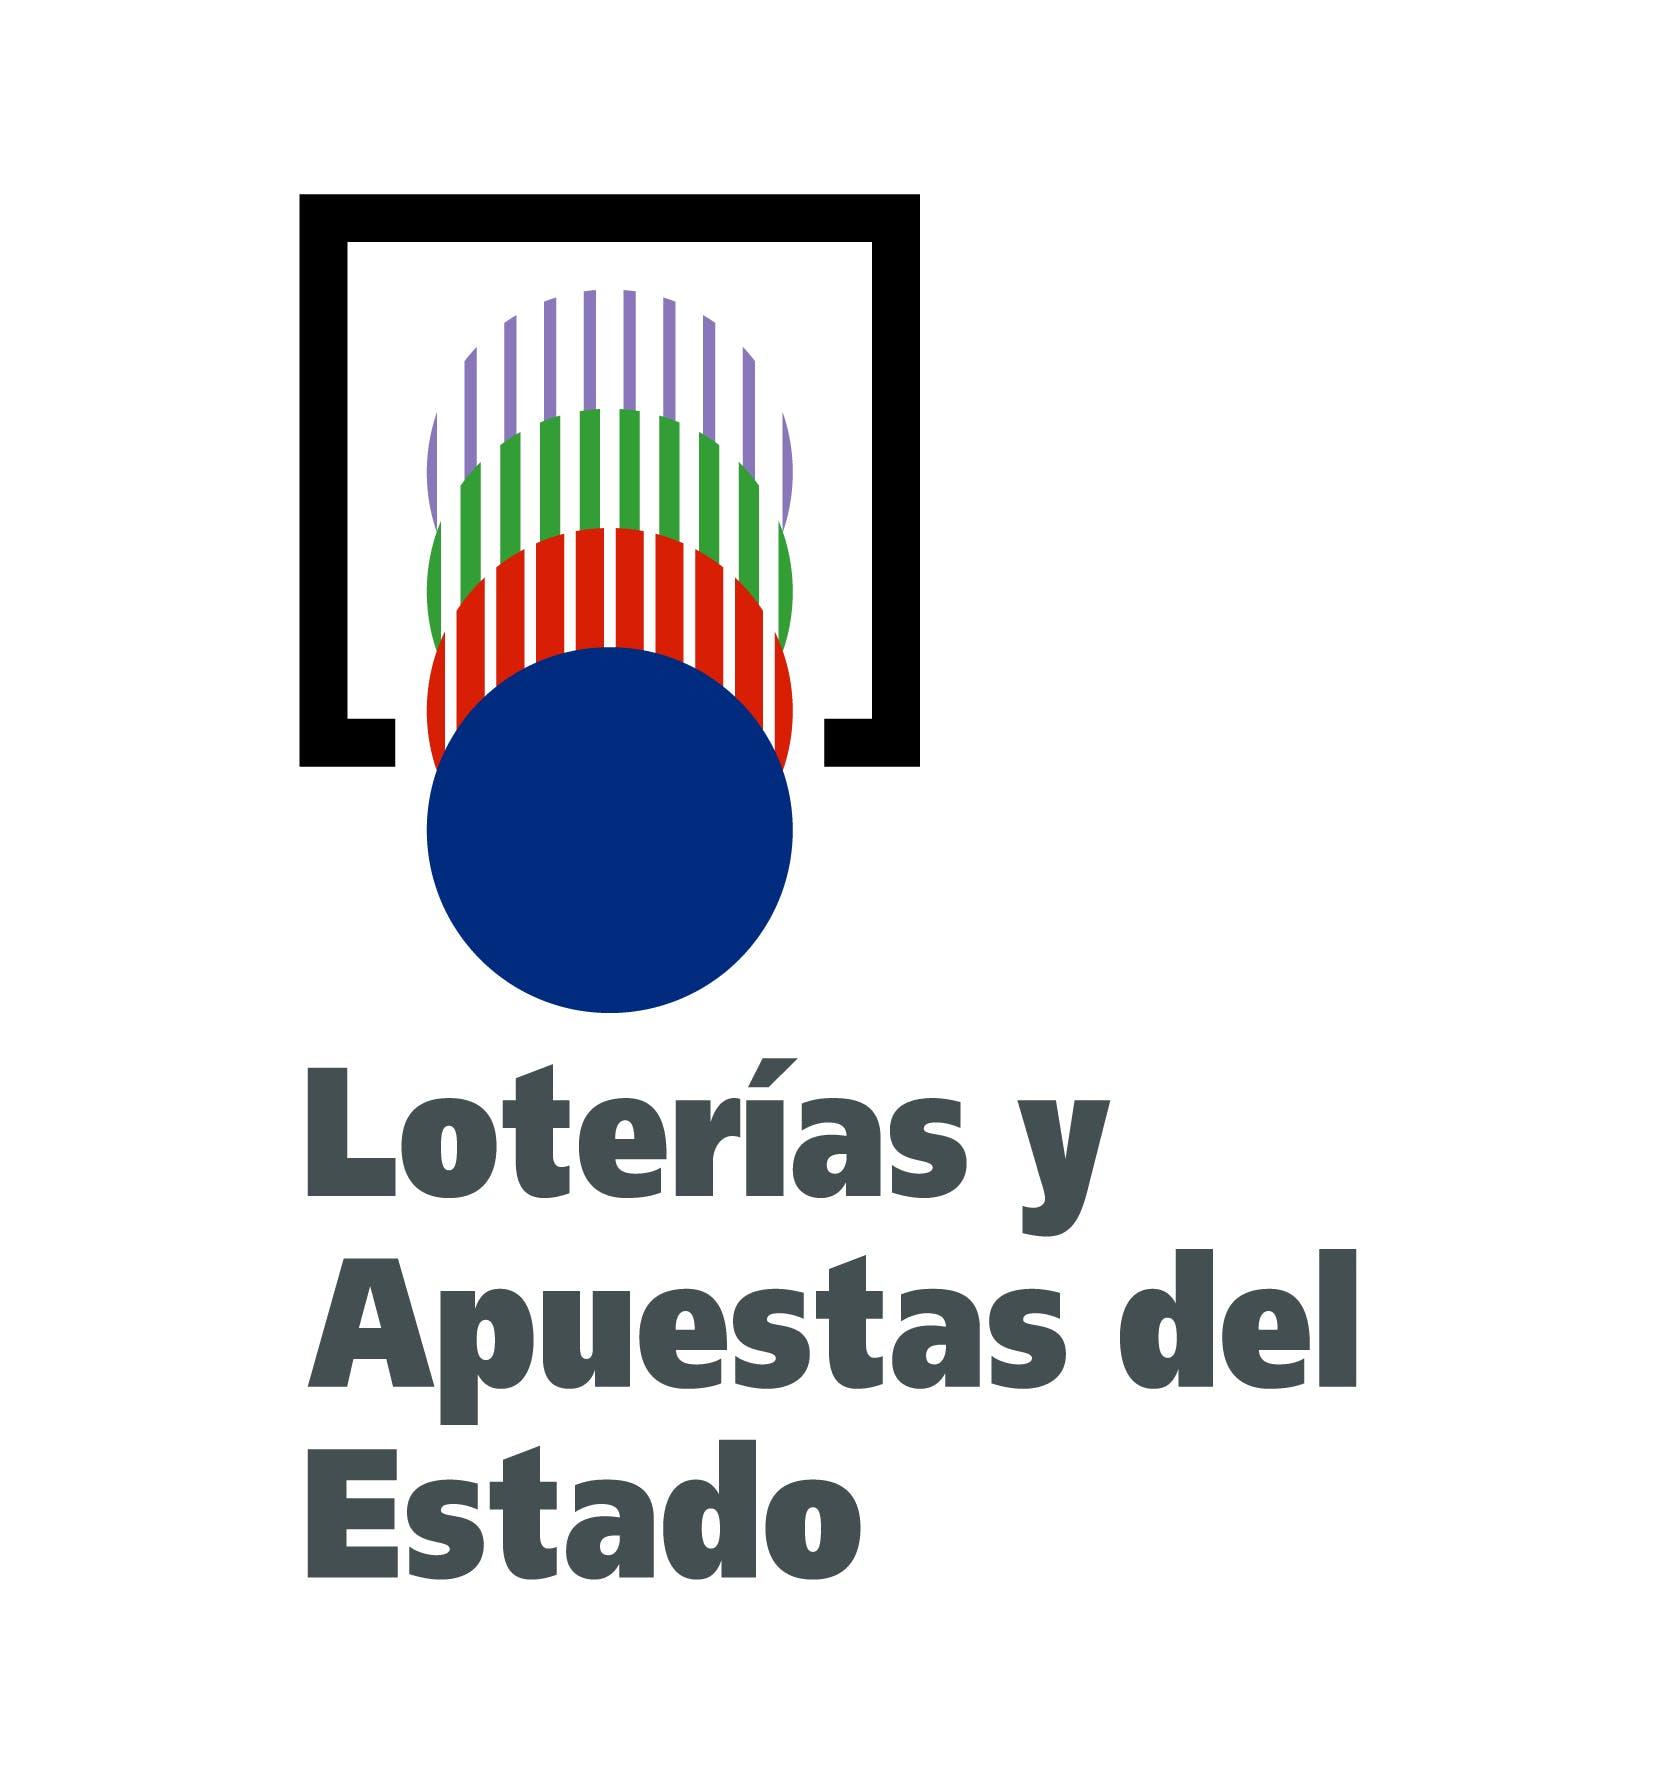 Loteria-Logo